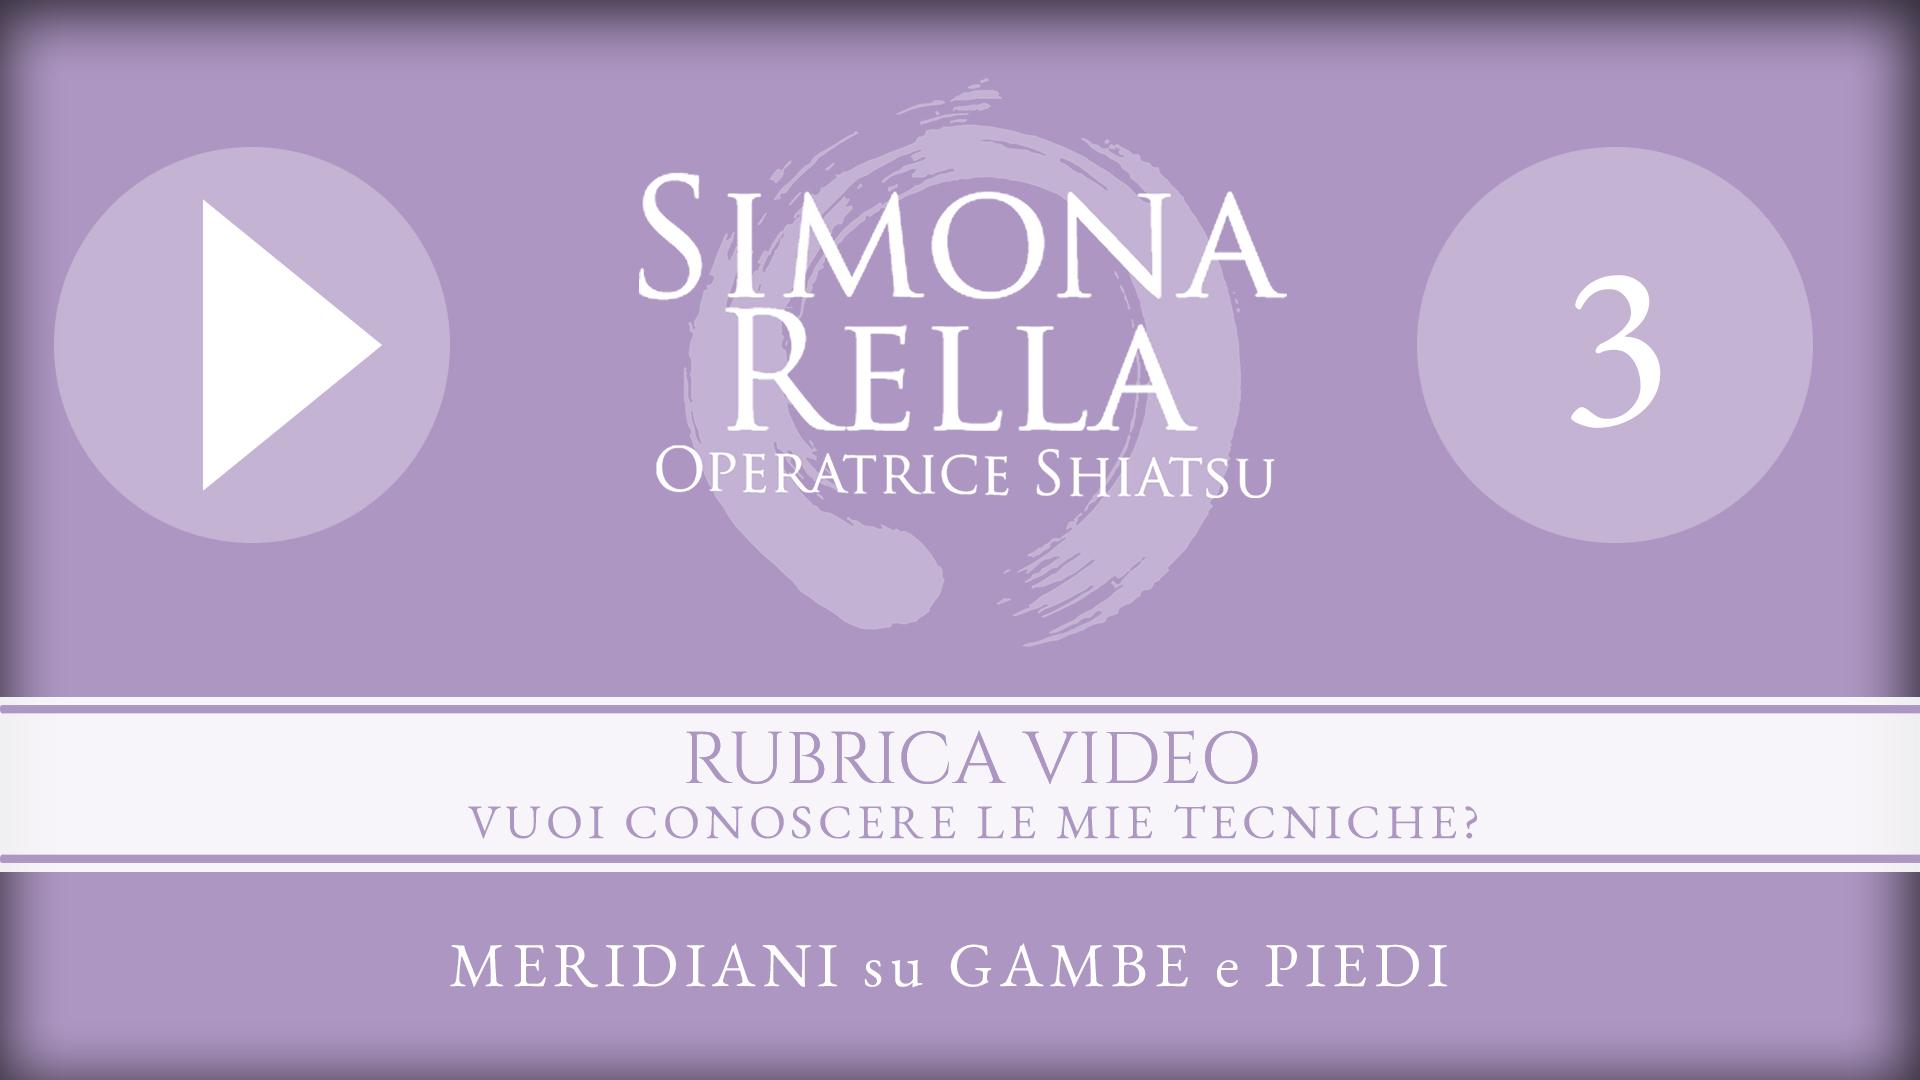 post--13__RUBRICA-VIDEO-3__MERIDIANI-su-GAMBE-e-PIEDI__